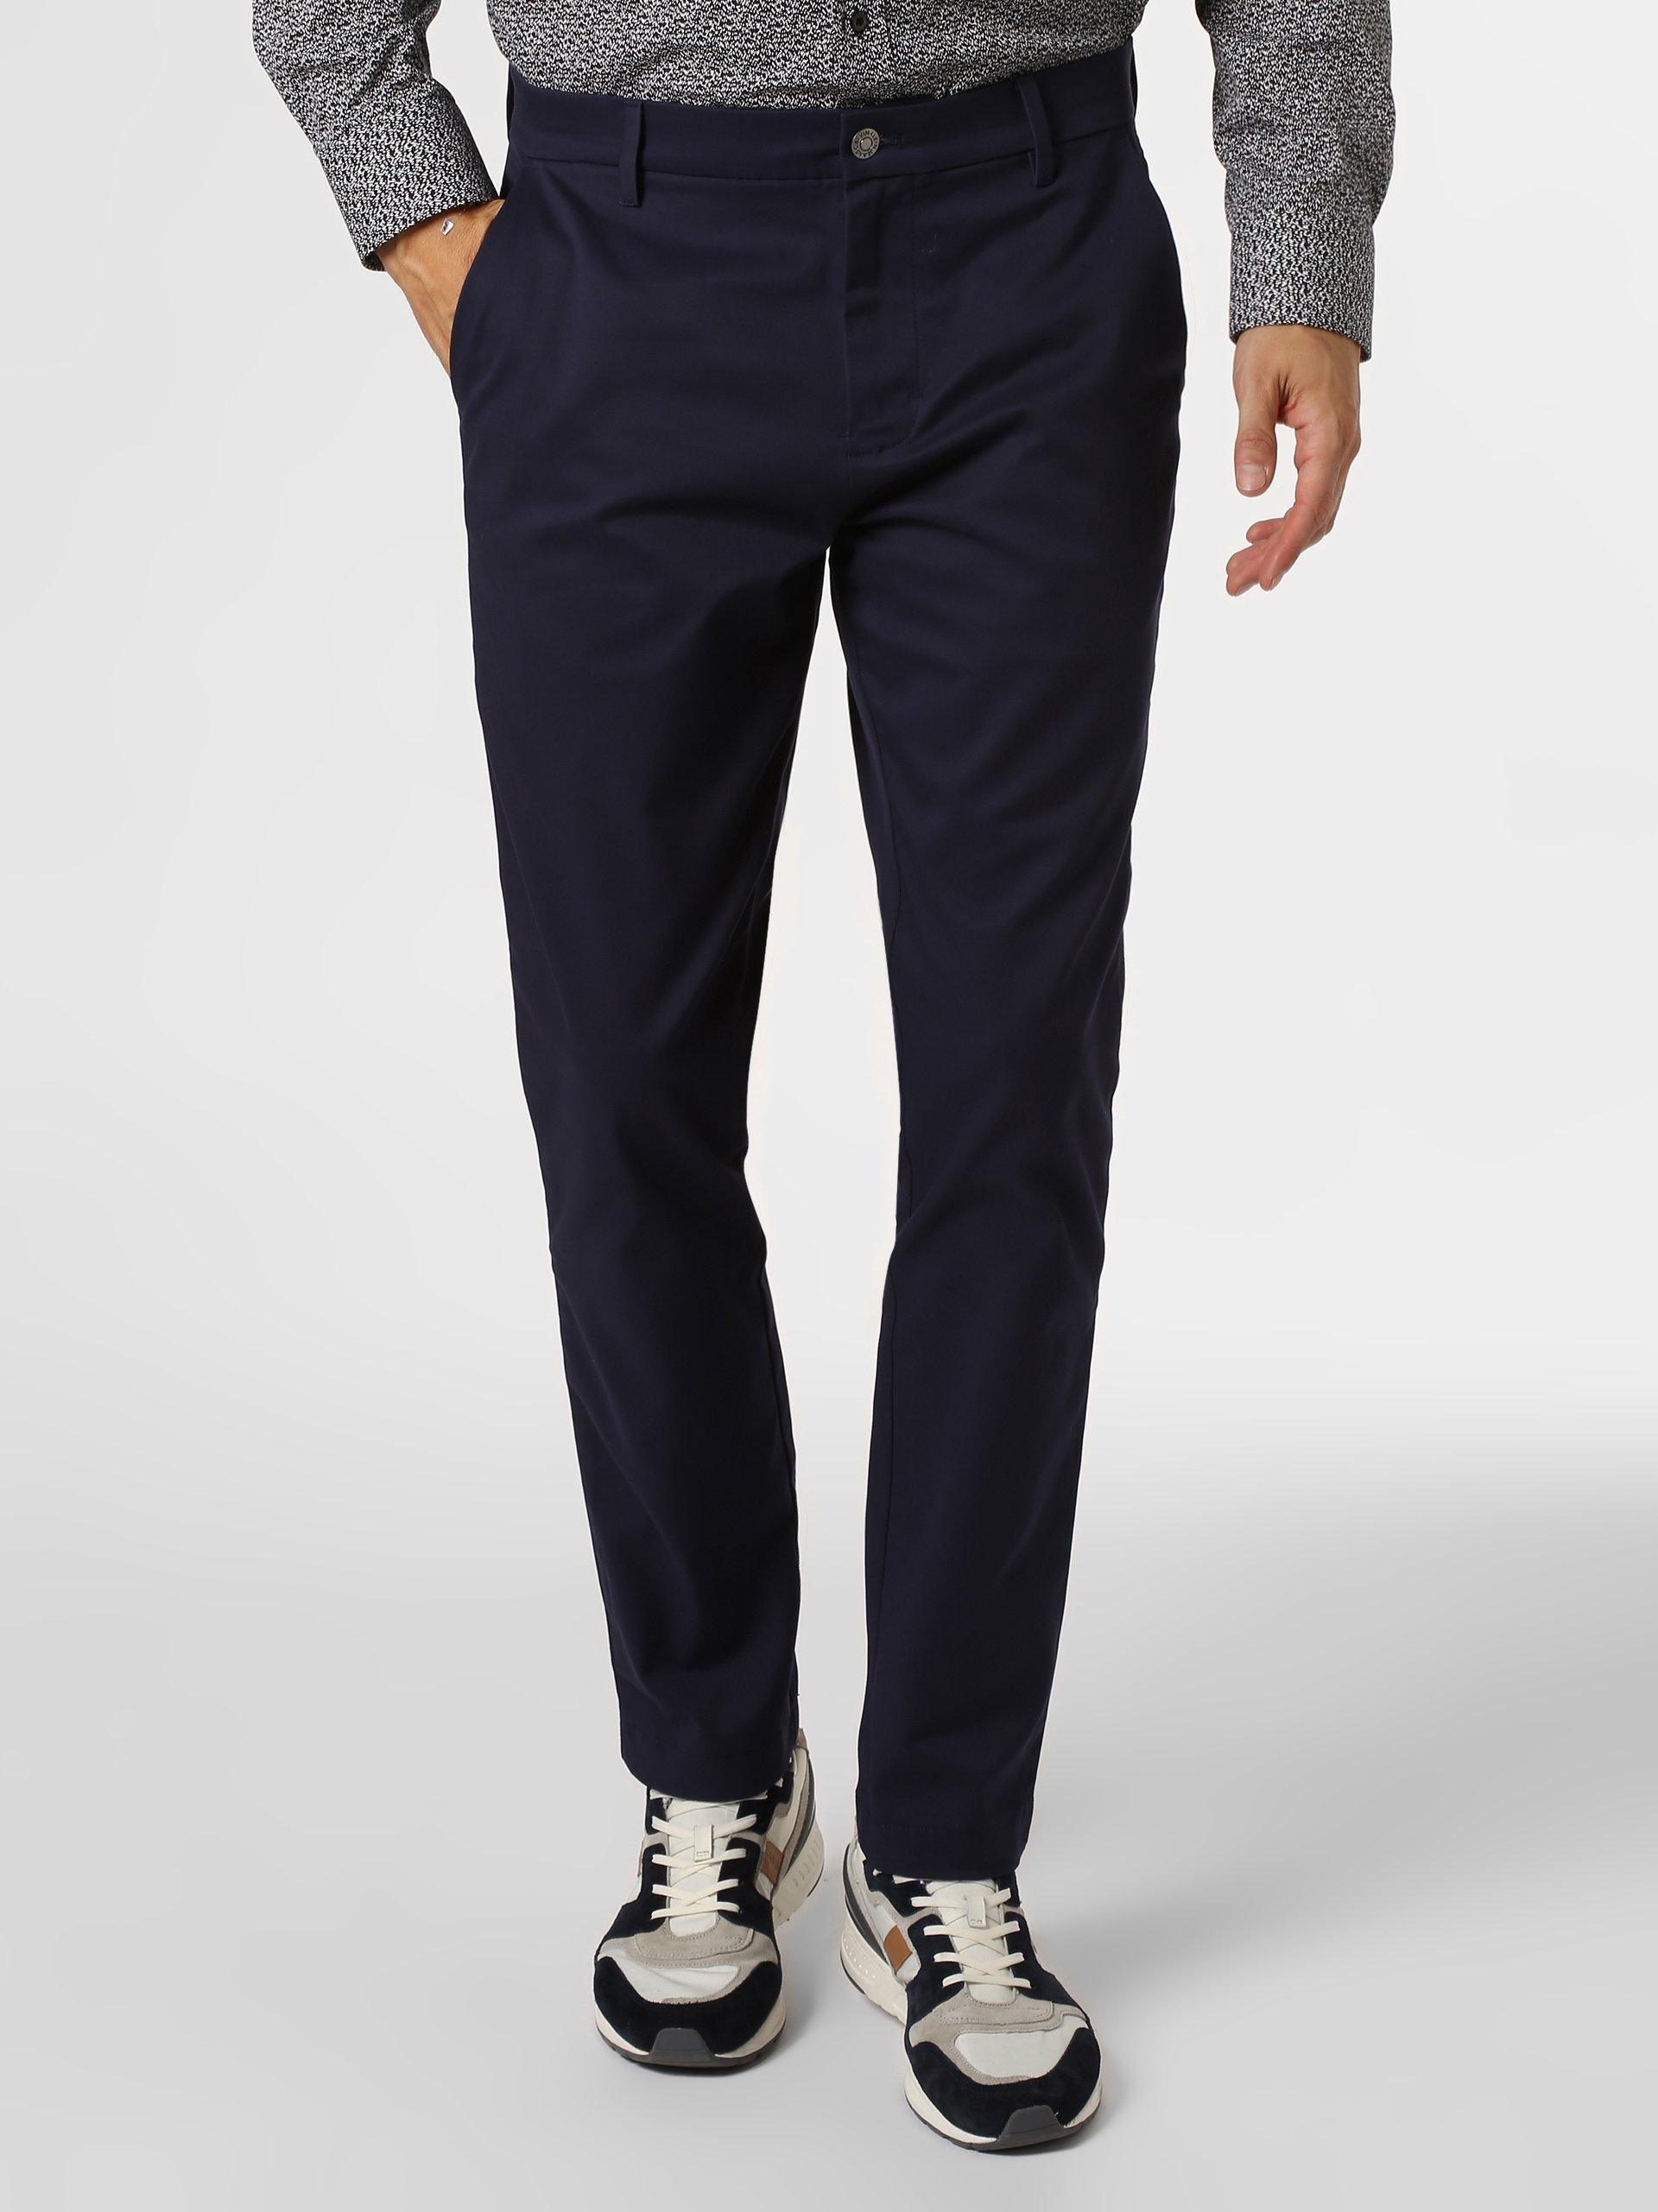 Calvin Klein Jeans Herren Chino